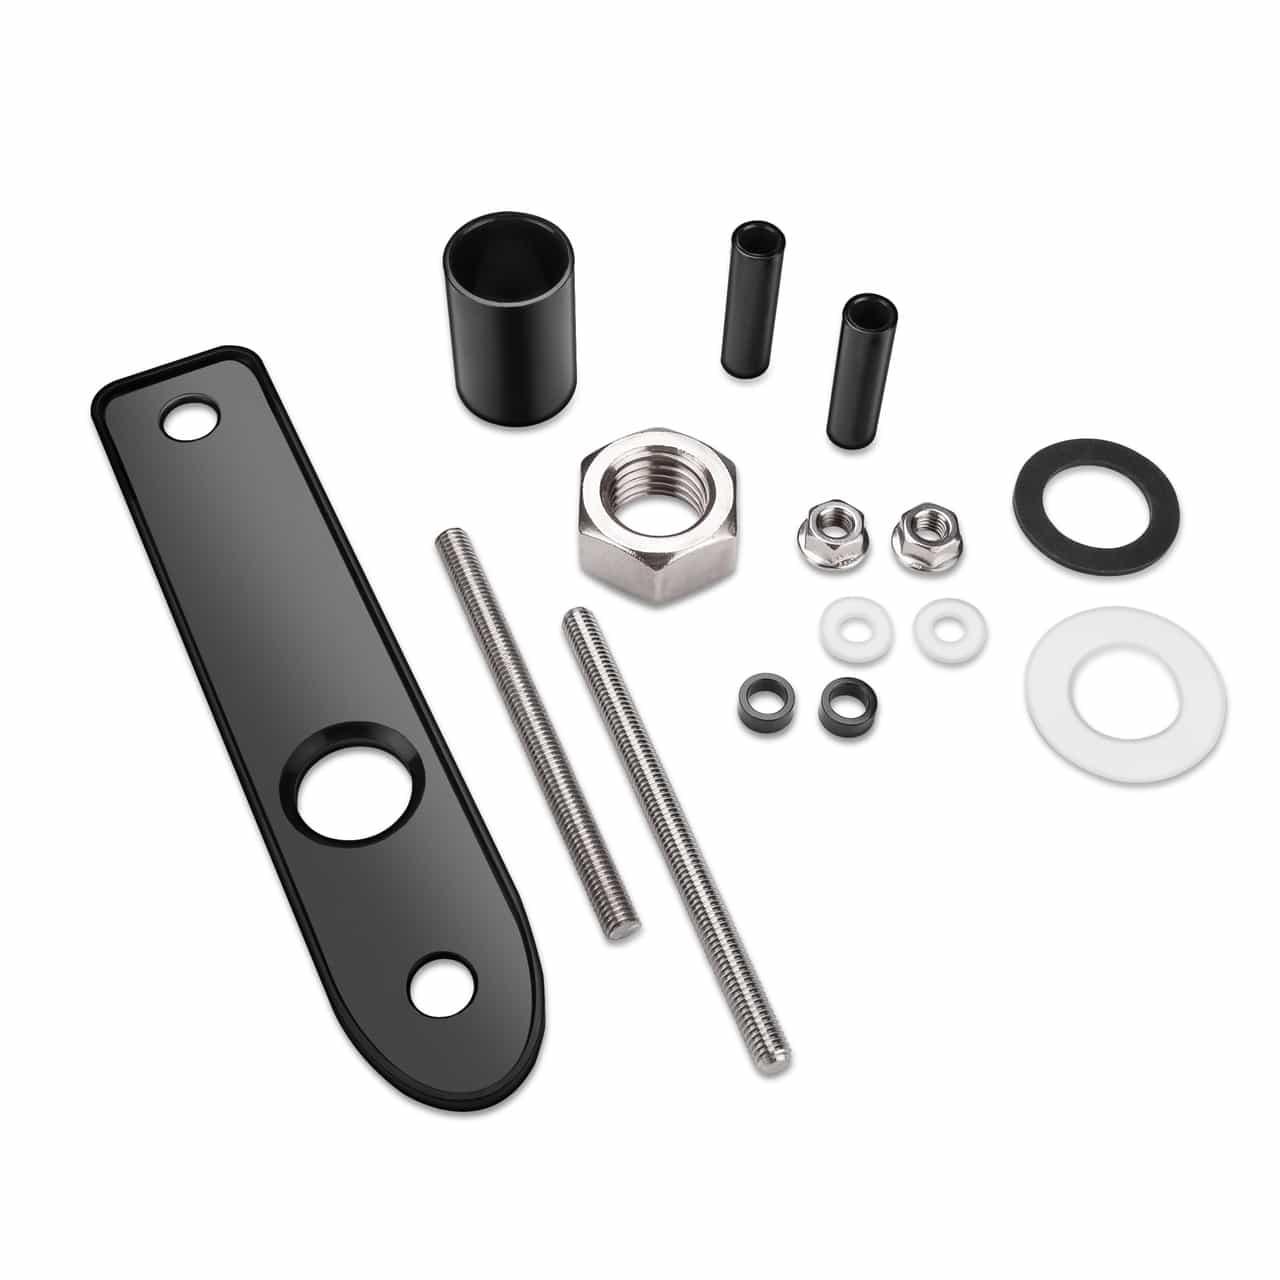 Garmin Thru-Hall Mounting Hardware (010-12226-00)